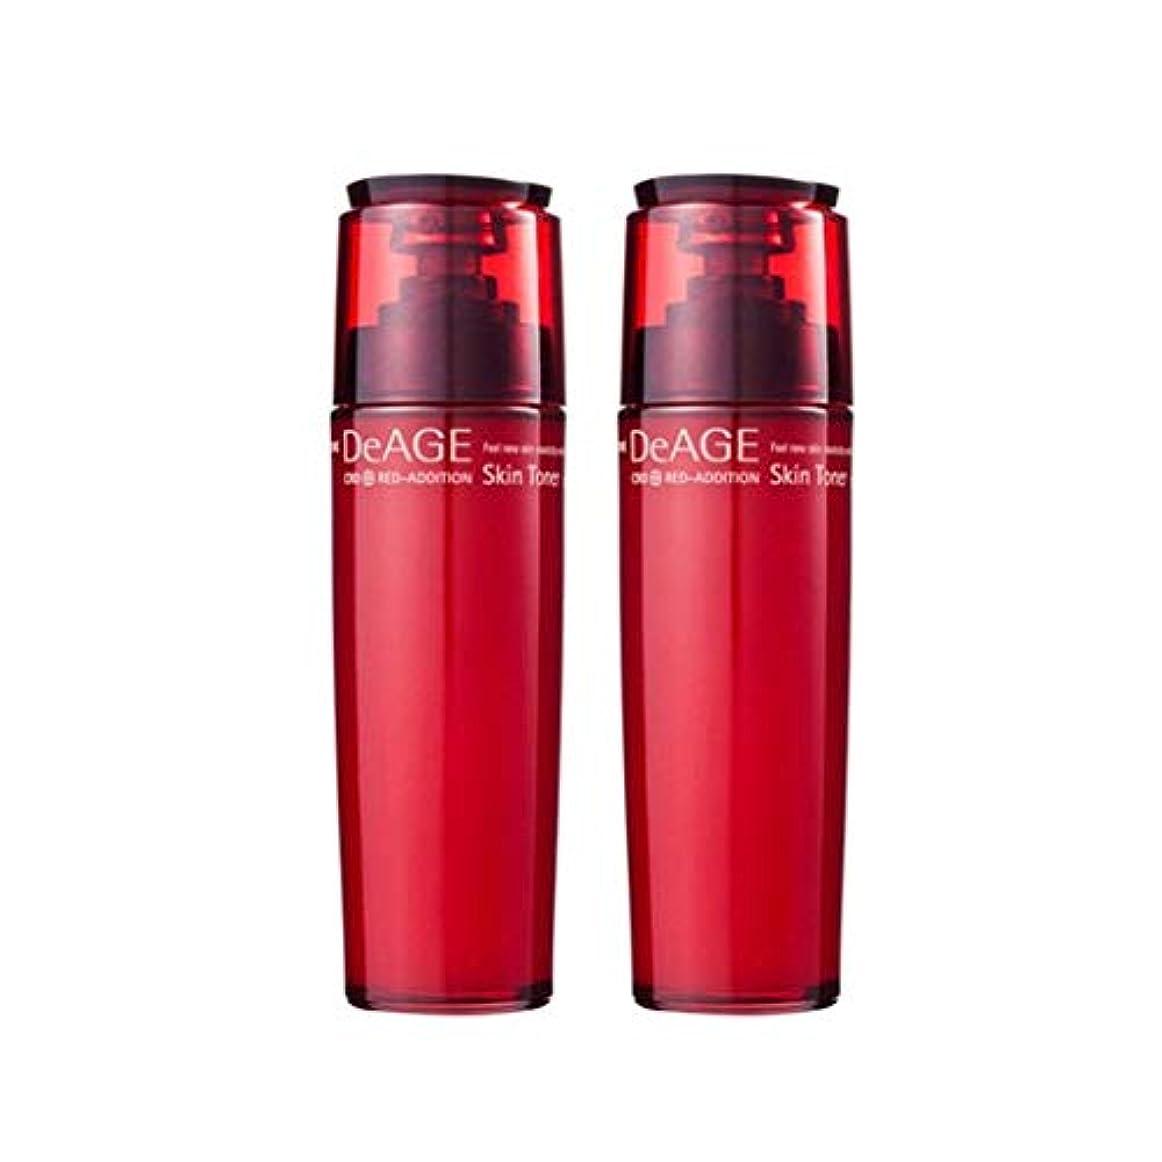 文領域願うチャムジョンディエイジレッドエディションスキントナー130ml x 2、Charmzone DeAGE Red-Addition Skin Toner 130ml x 2 [並行輸入品]